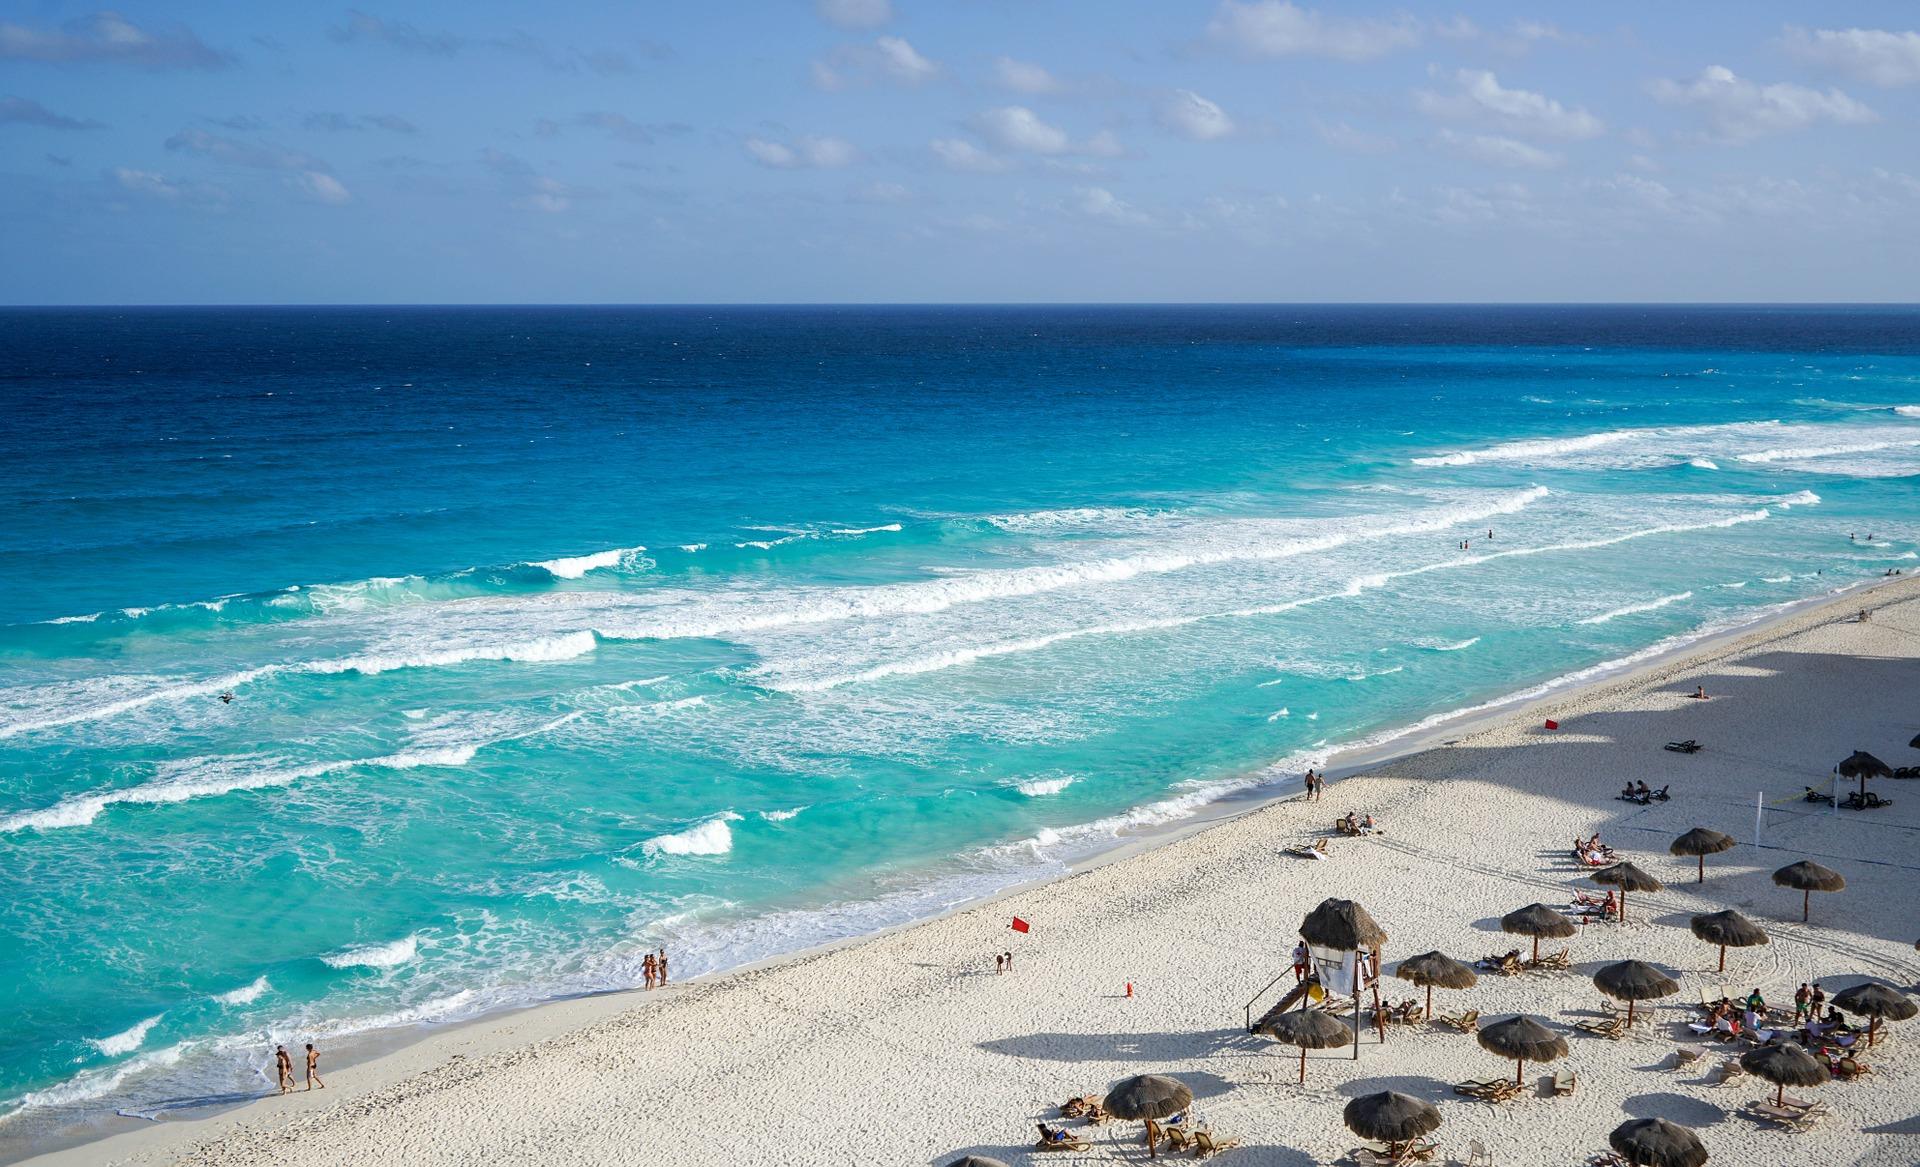 Cancun Urlaub eine Woche günstig die weißen Sandstrände und den Flachabfallenden Strand genießen